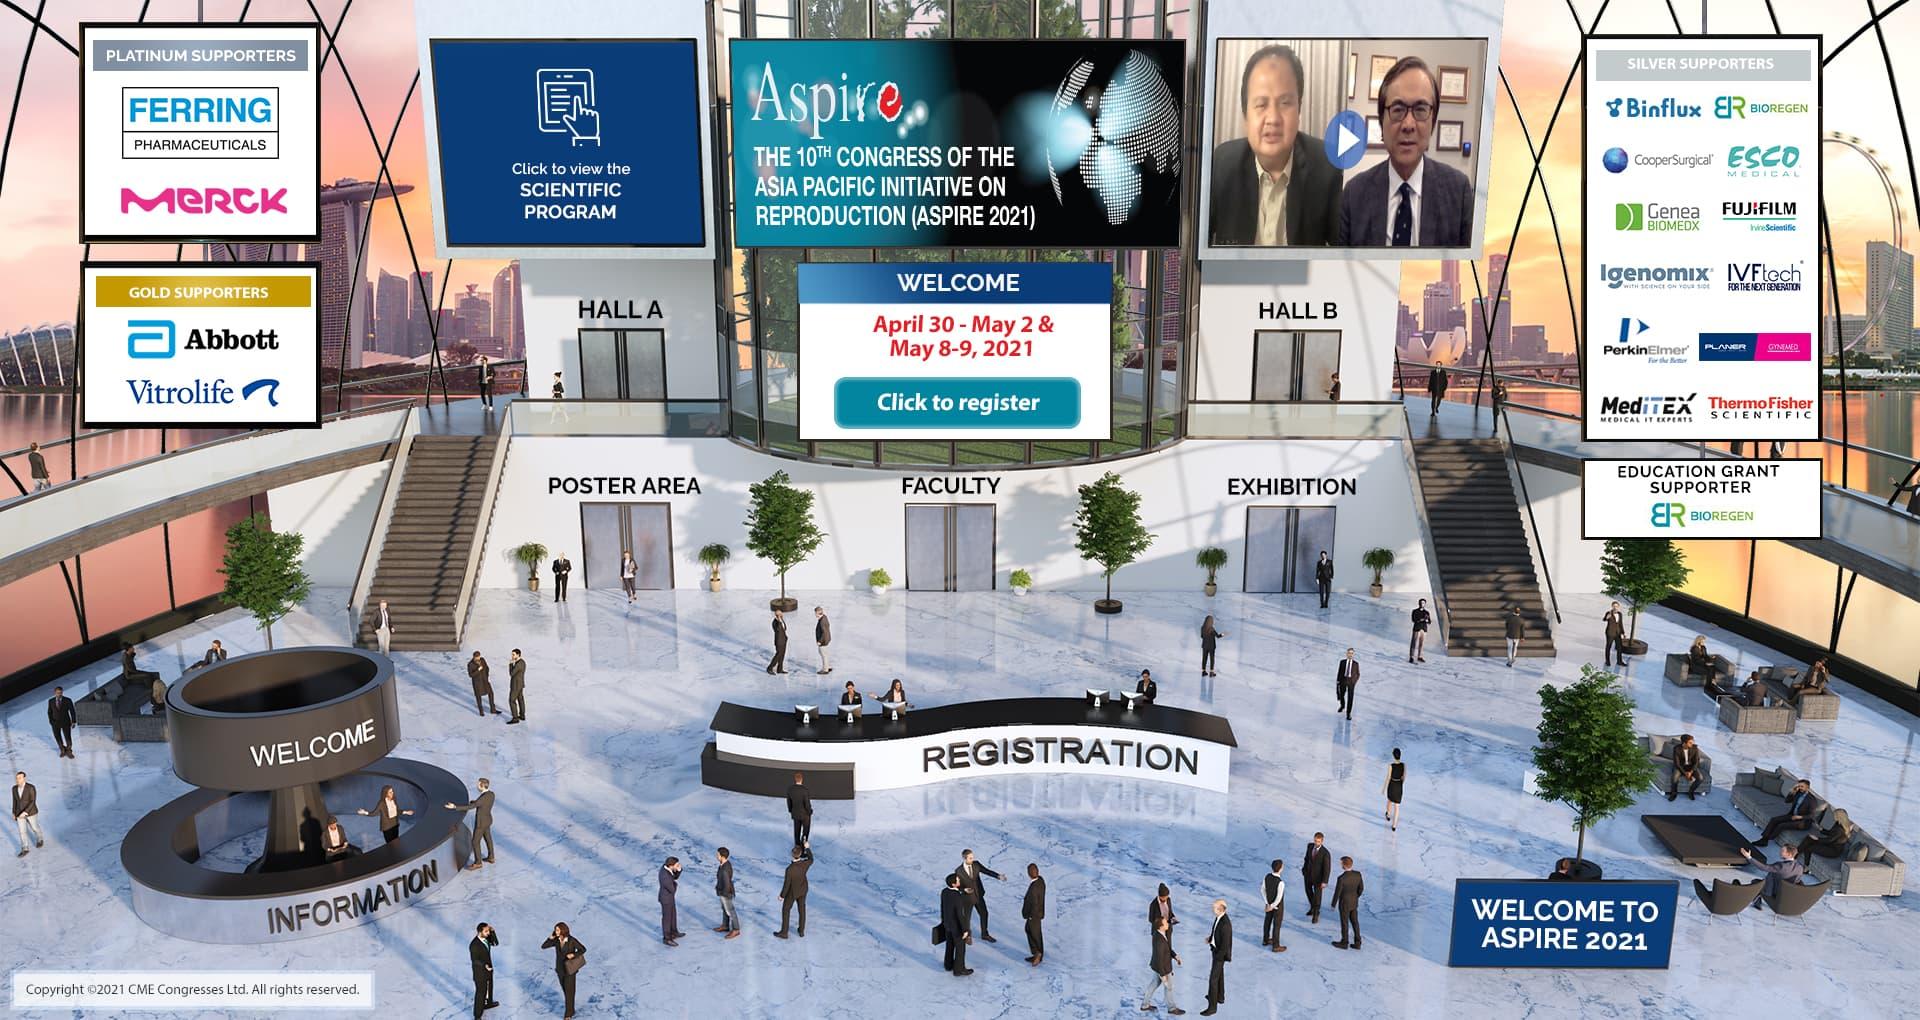 The 10th Aspire Congress